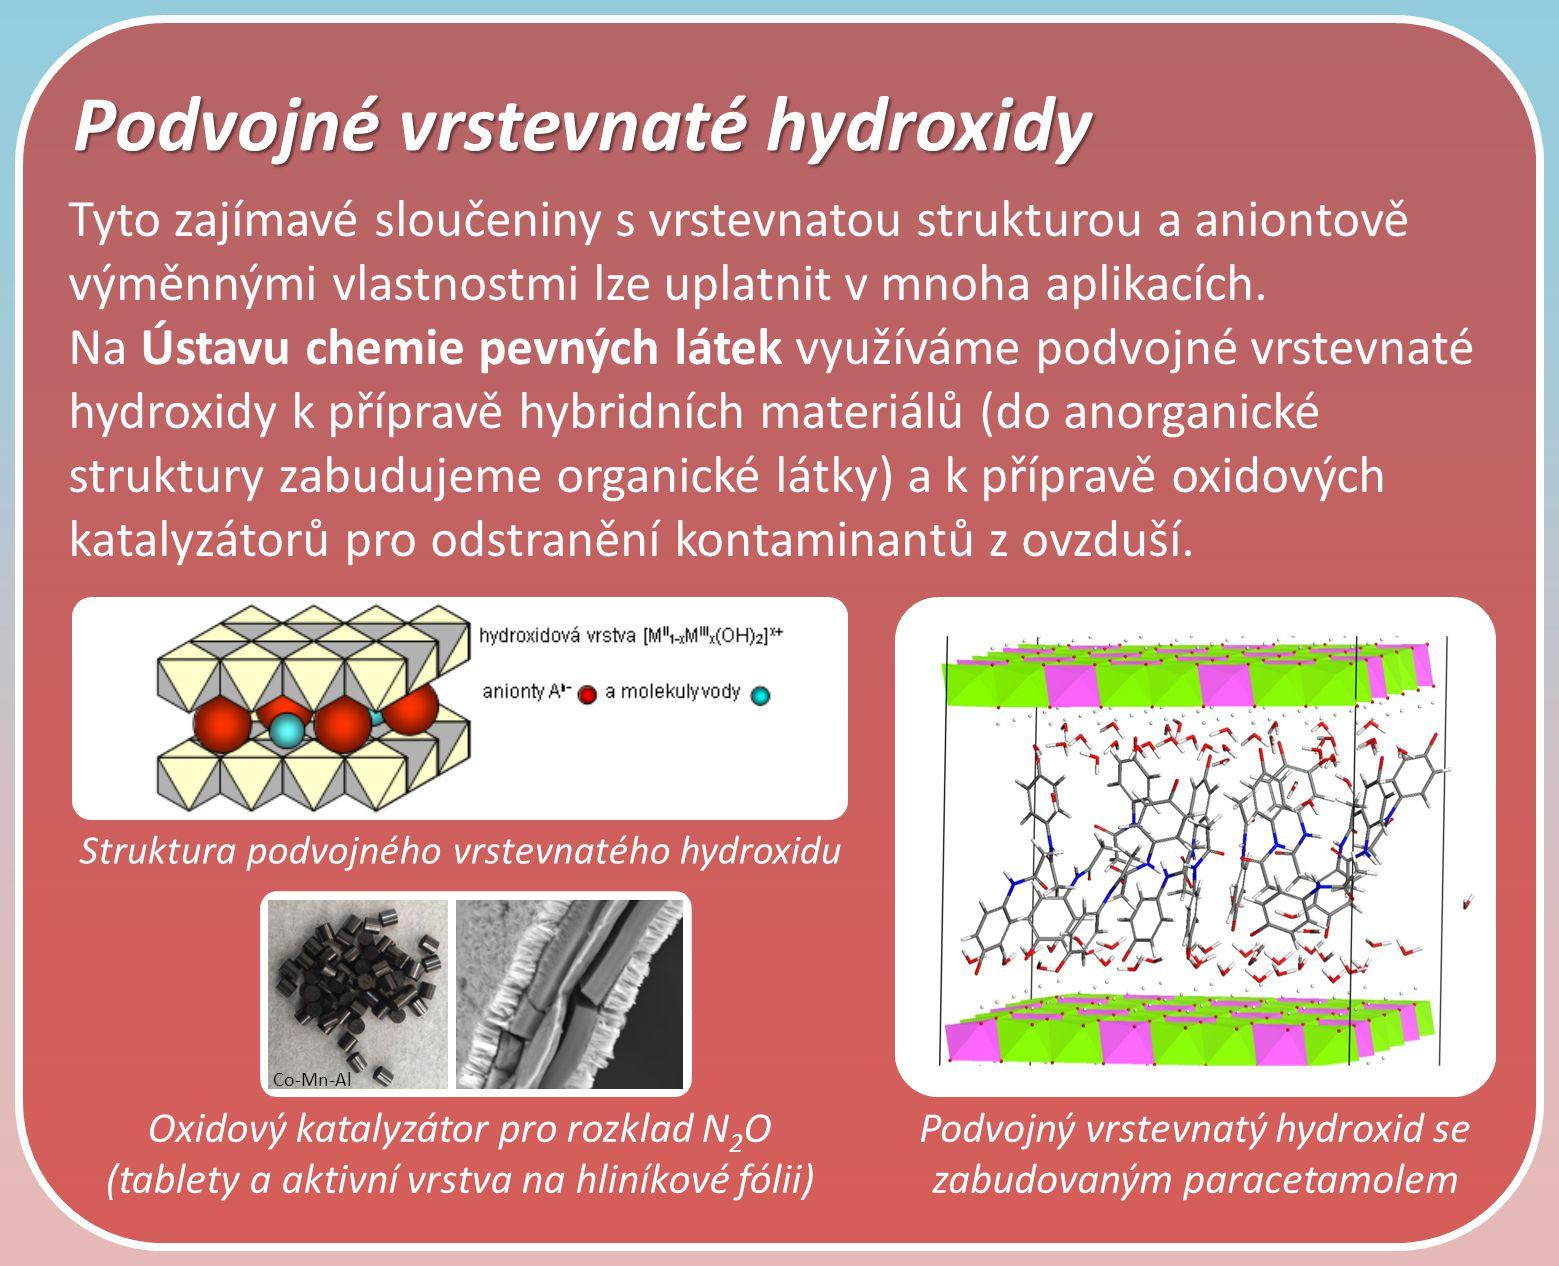 Podvojné vrstevnaté hydroxidy Tyto zajímavé sloučeniny s vrstevnatou strukturou a aniontově výměnnými vlastnostmi lze uplatnit v mnoha aplikacích.